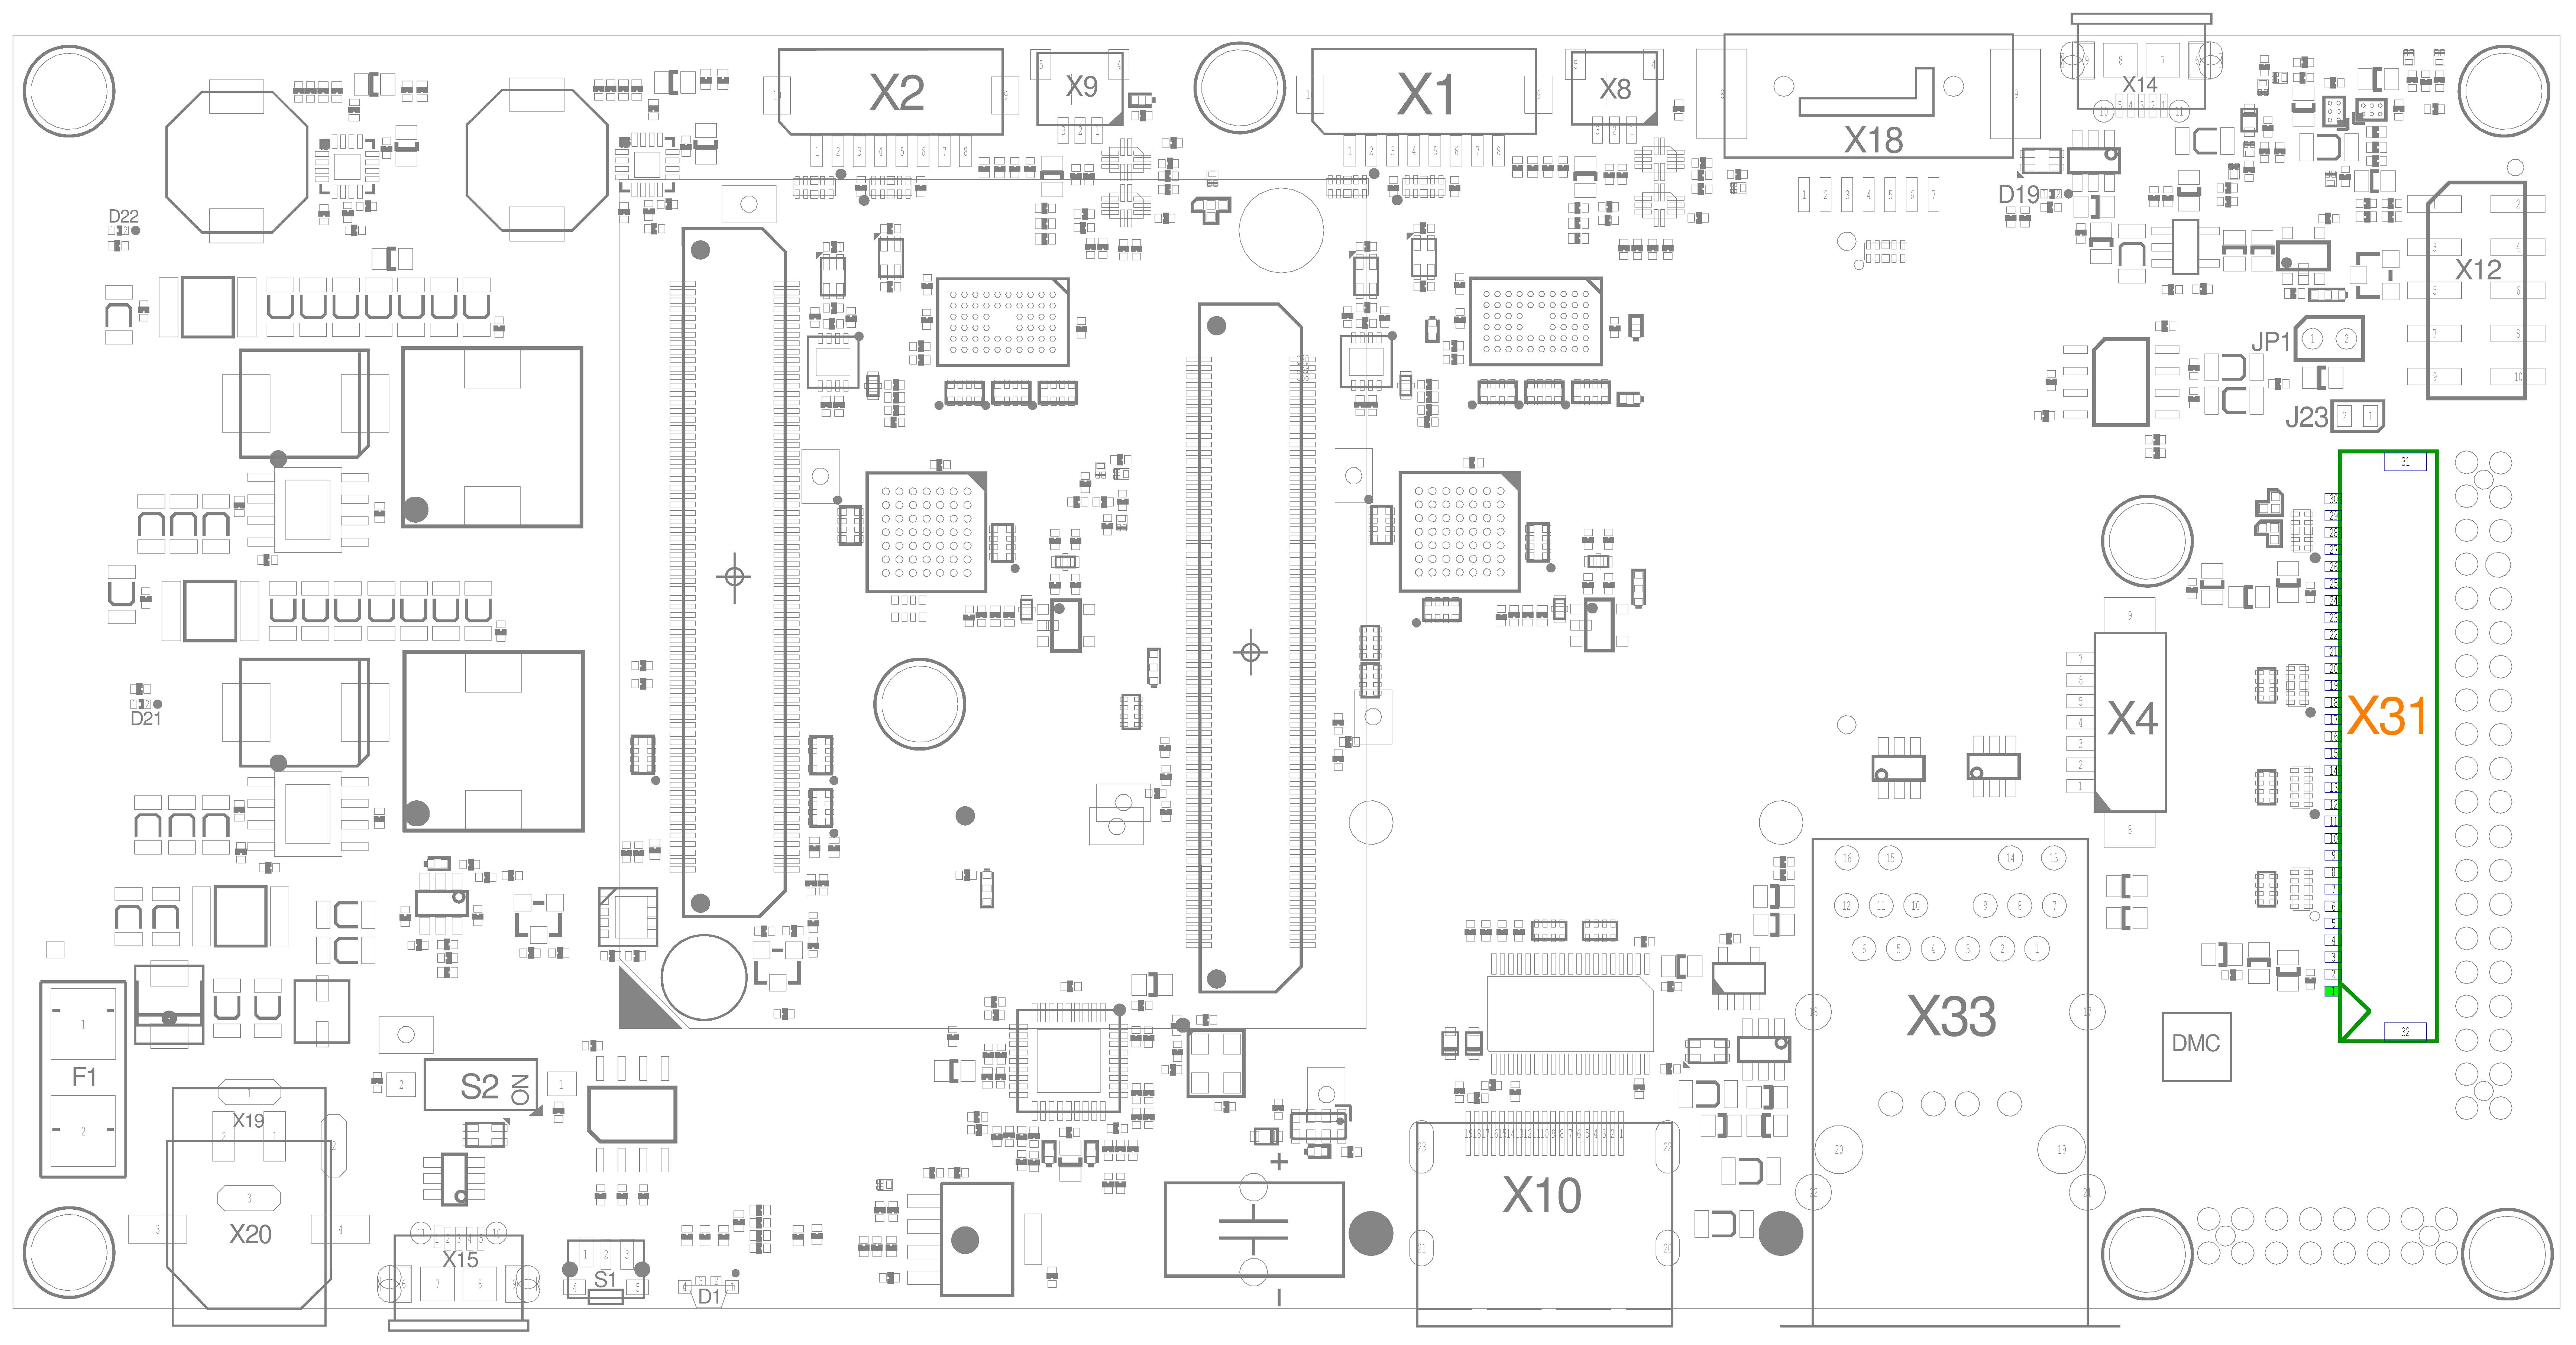 LVDS Display Connector (X31)